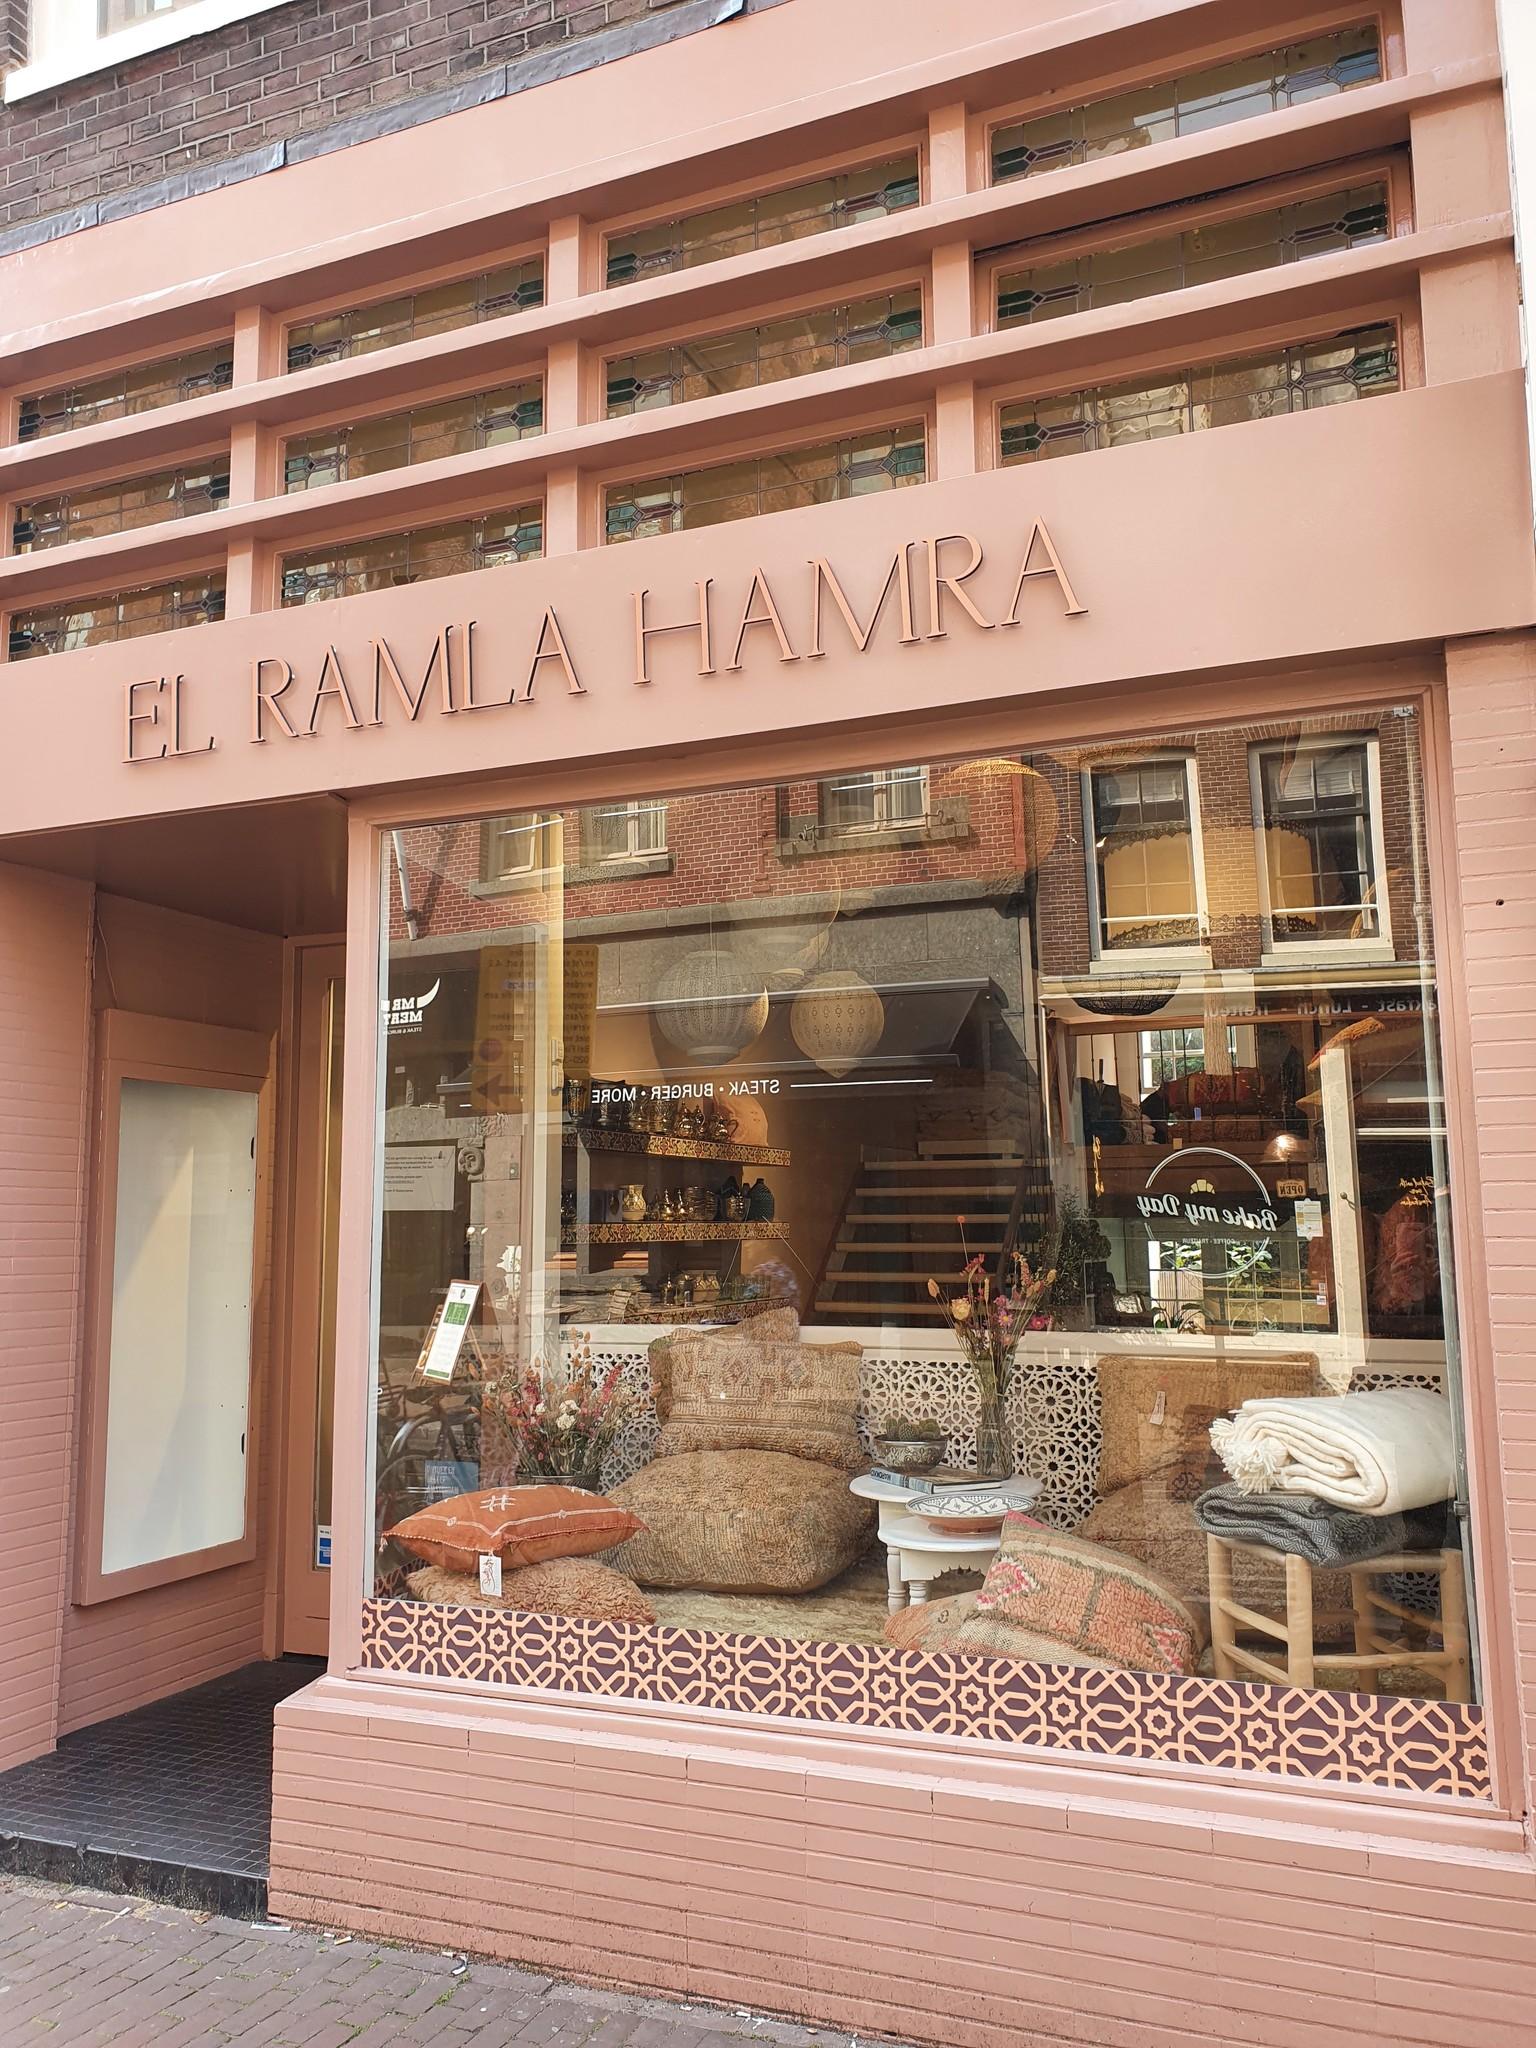 Store El Ramla Hamra